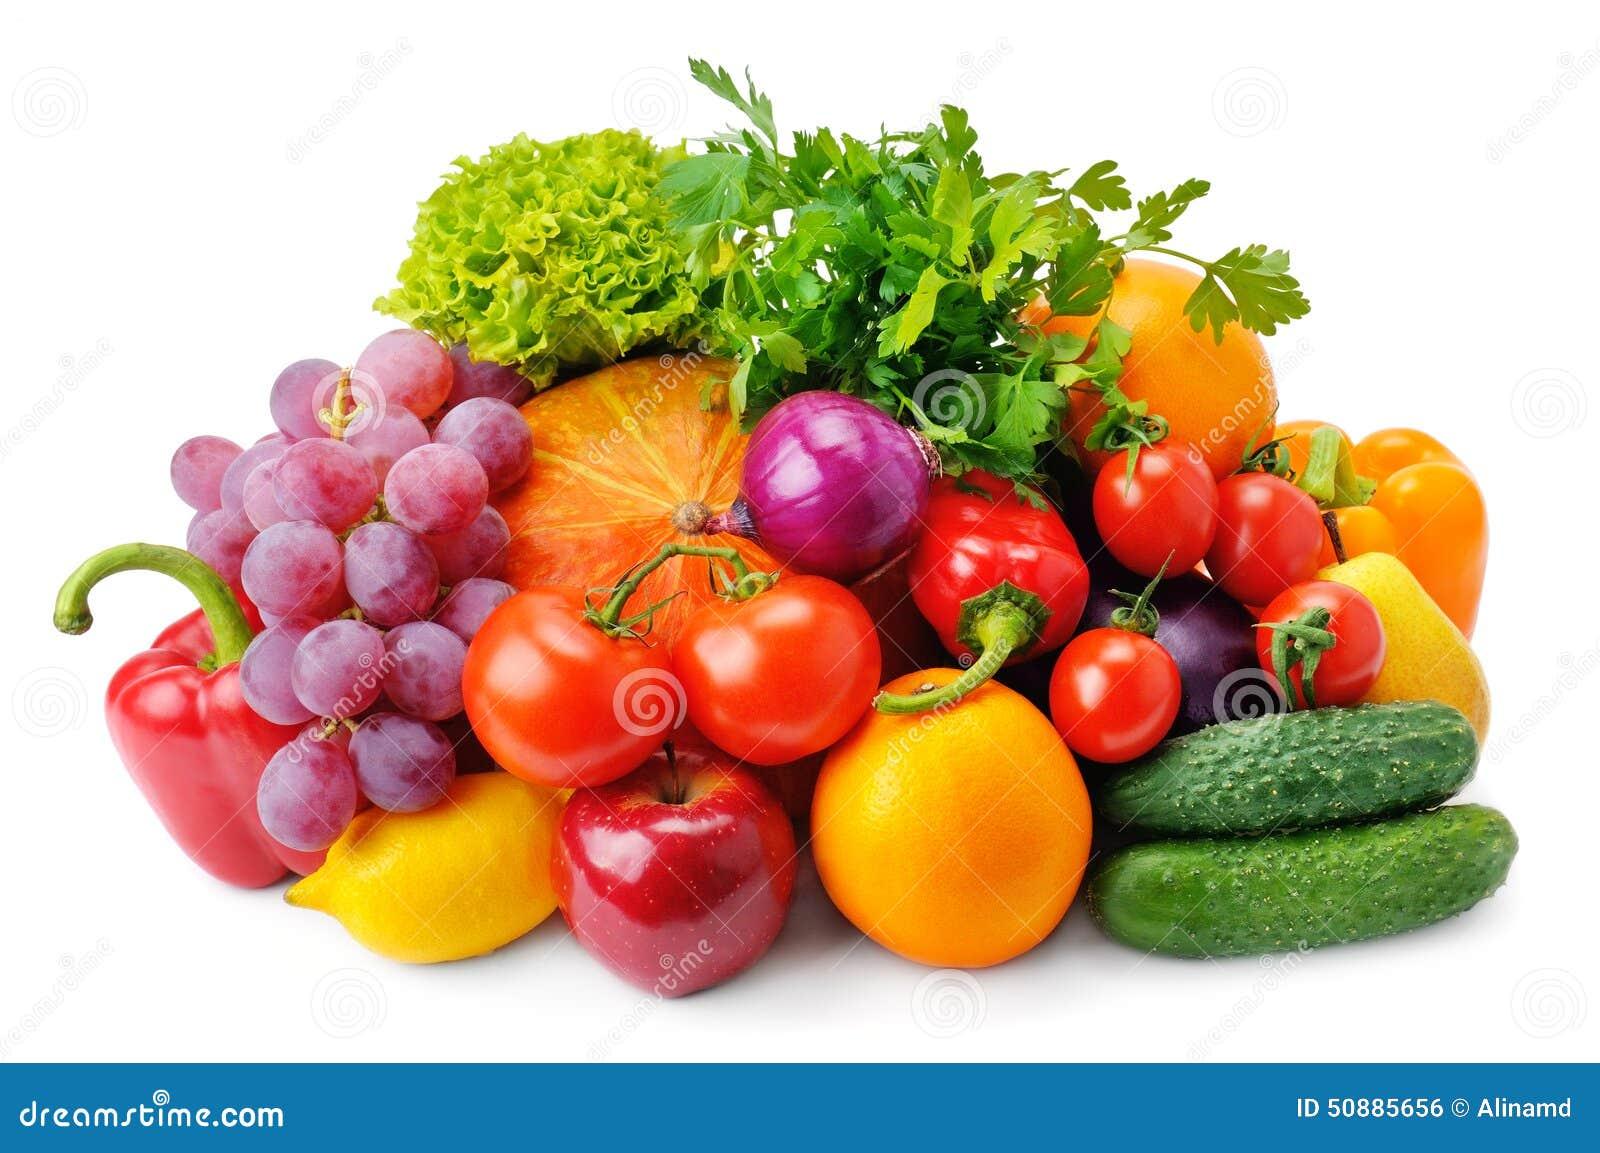 set of fruits and vegetables stock photo image 50885656. Black Bedroom Furniture Sets. Home Design Ideas